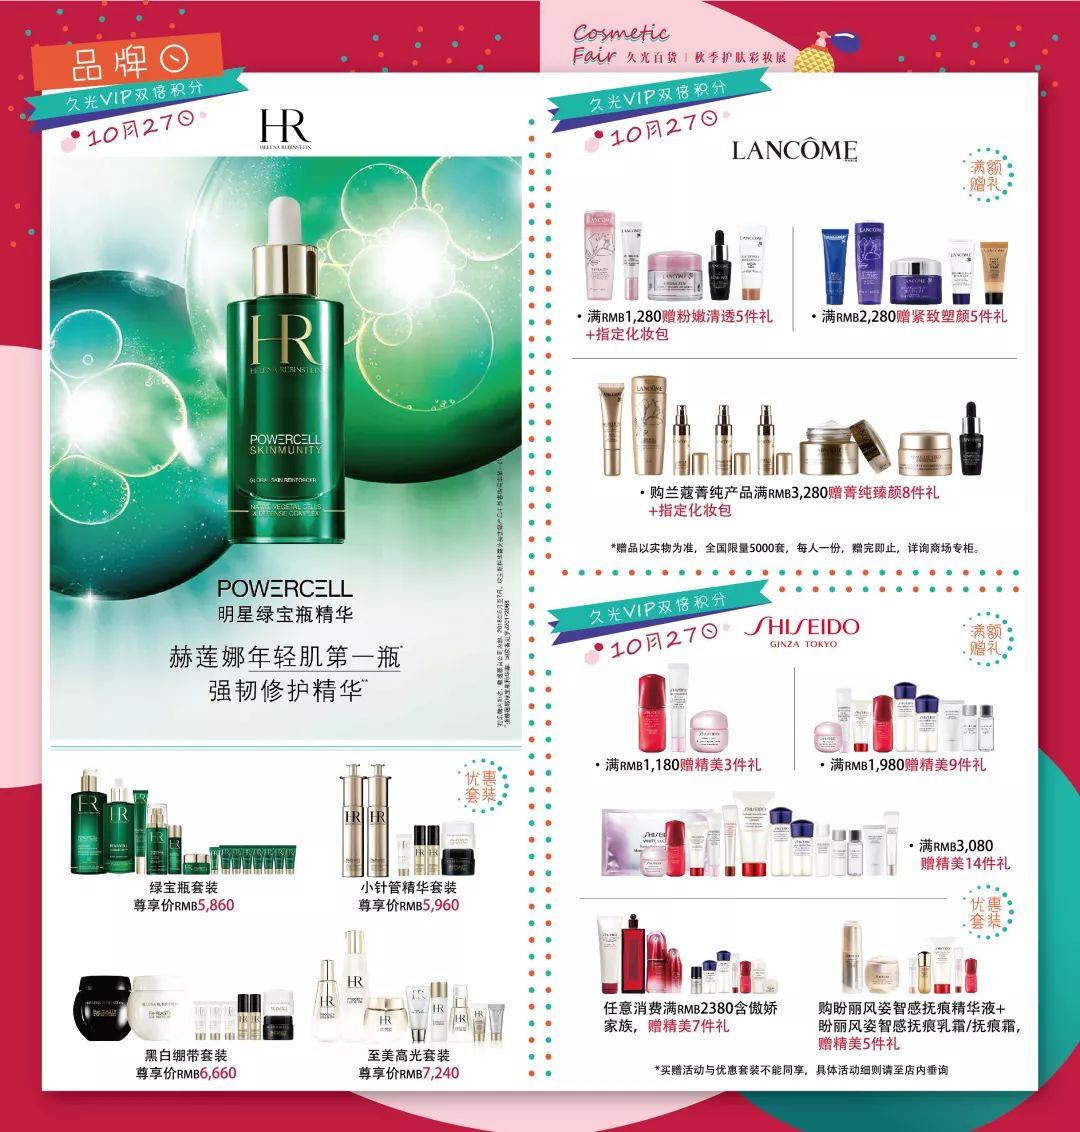 上海久光百货秋季美妆节 大牌化妆品满仟赠百